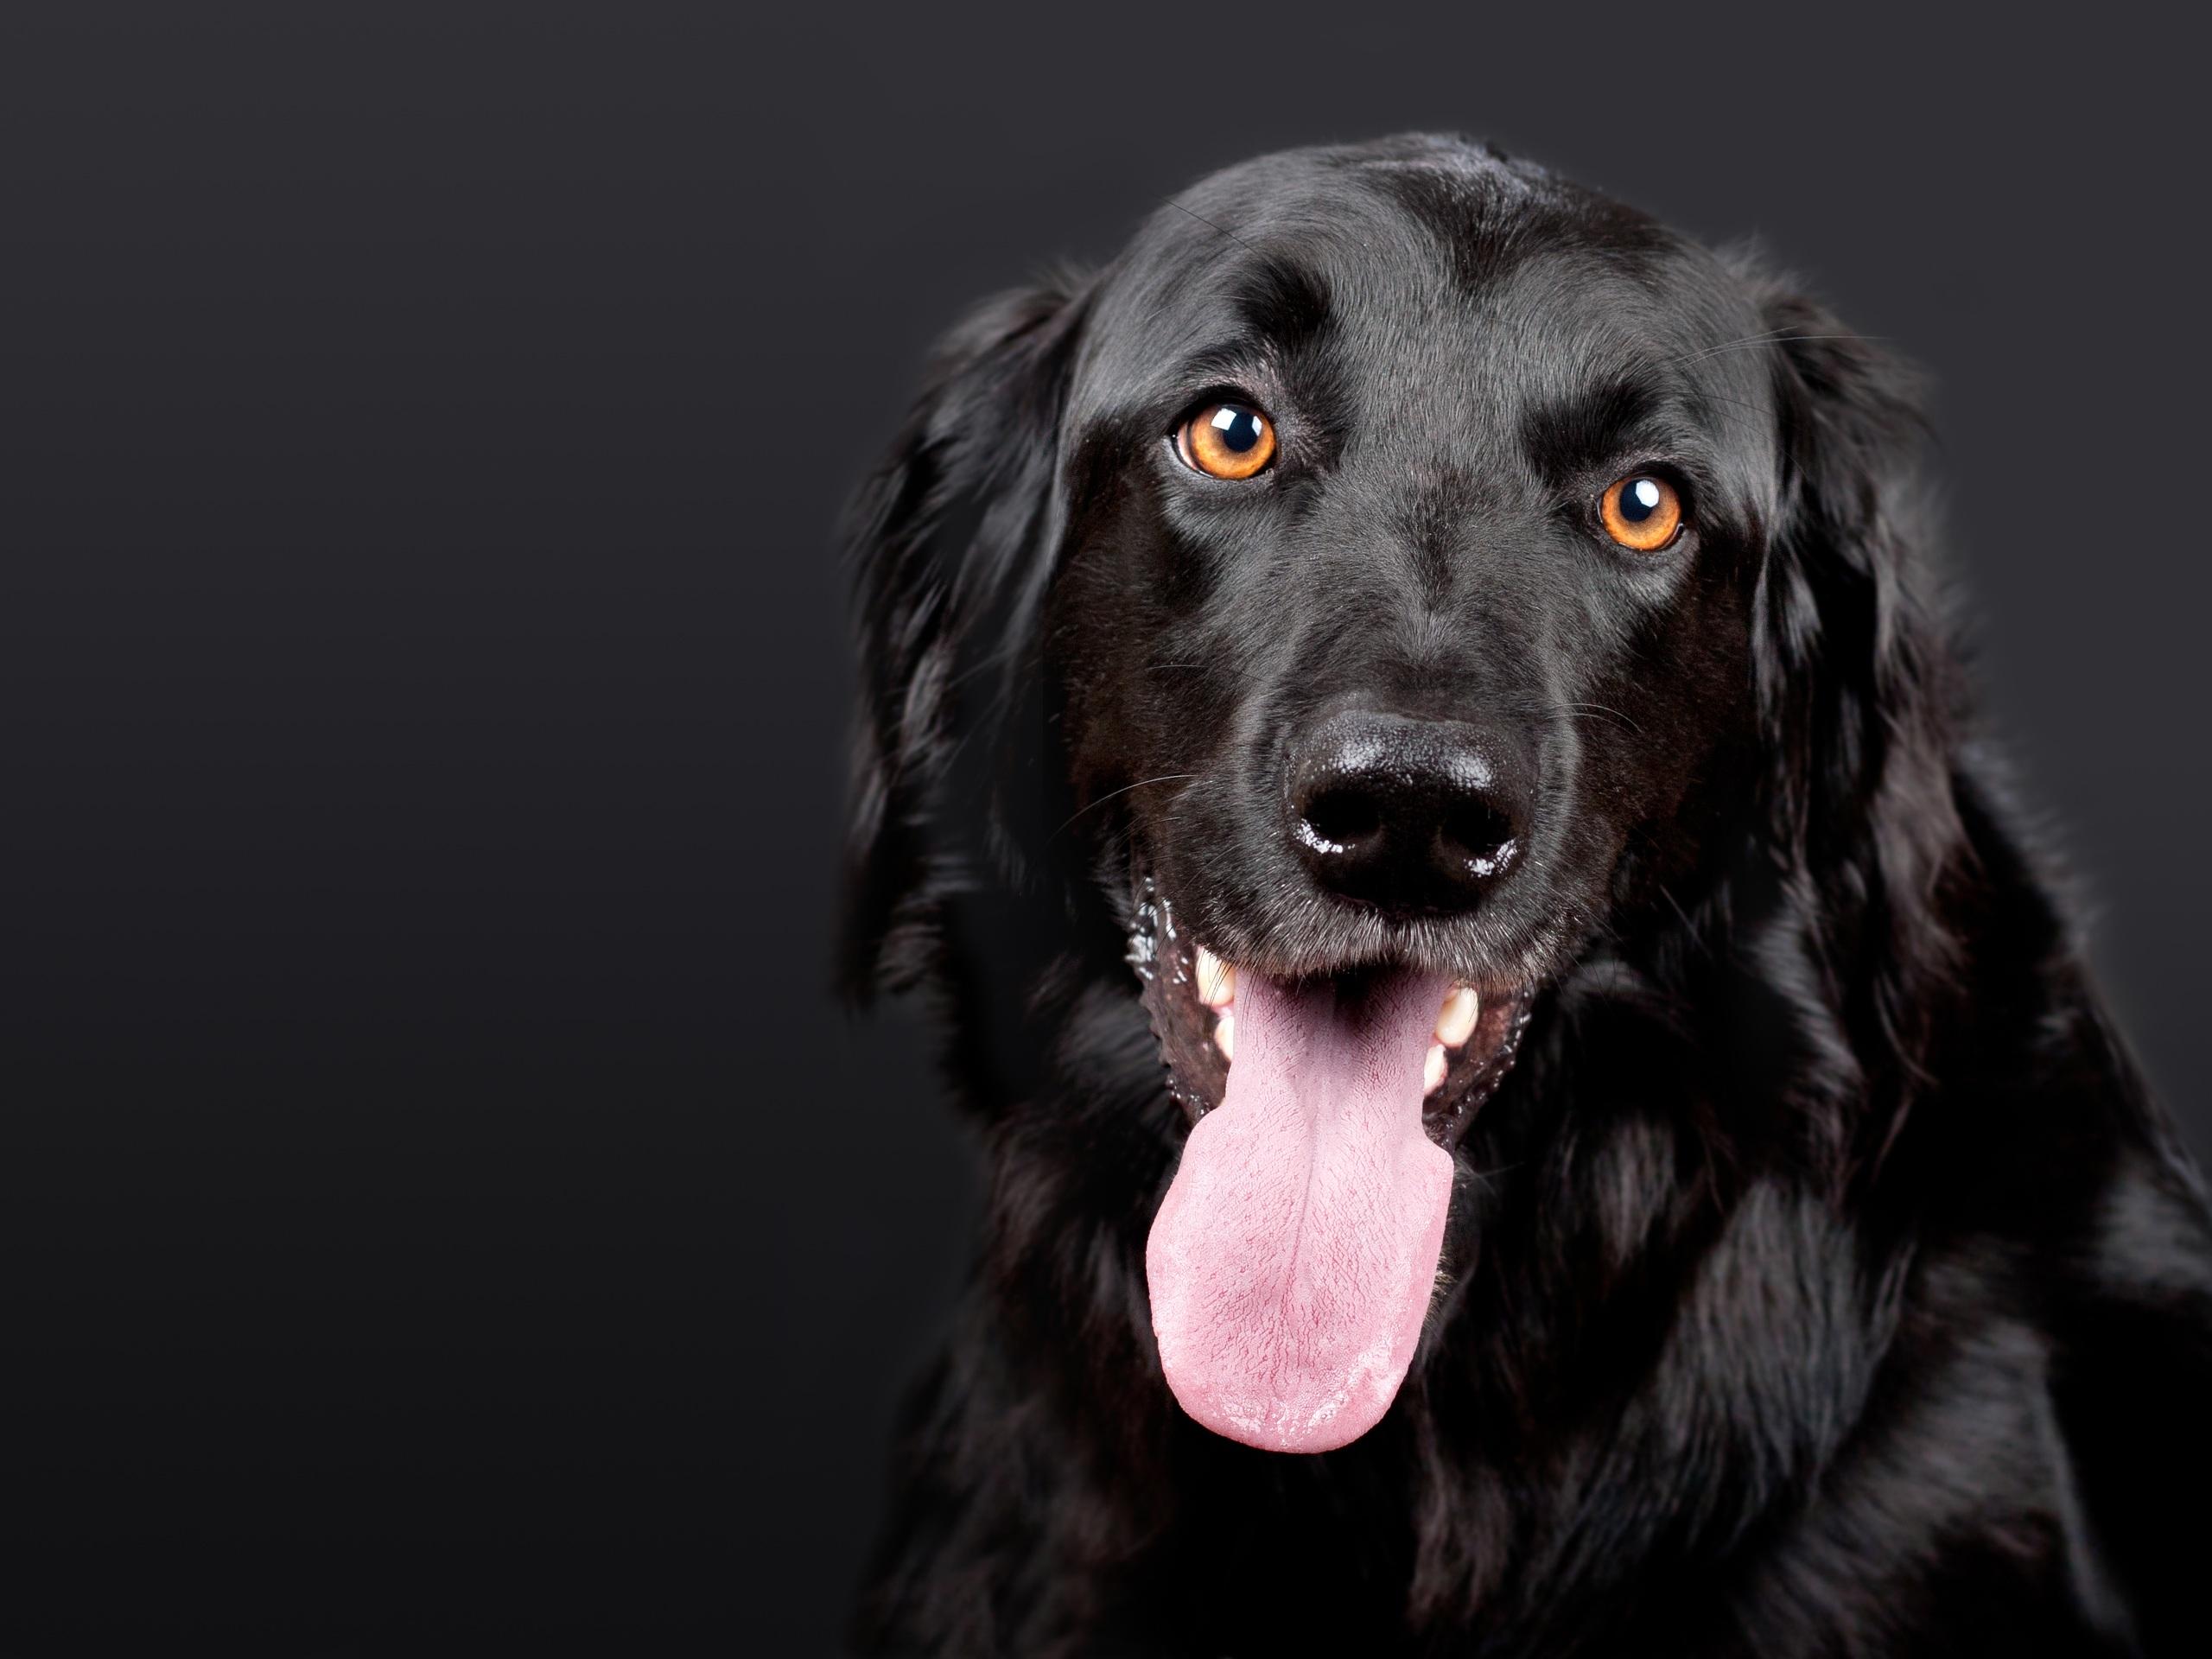 93865 Lade kostenlos Schwarz Hintergrundbilder für dein Handy herunter, Hund, Tiere, Schnauze, Das Schwarze, Hervorstehende Zunge, Zunge Herausgeklemmt, Hovawart, Howawart Schwarz Bilder und Bildschirmschoner für dein Handy